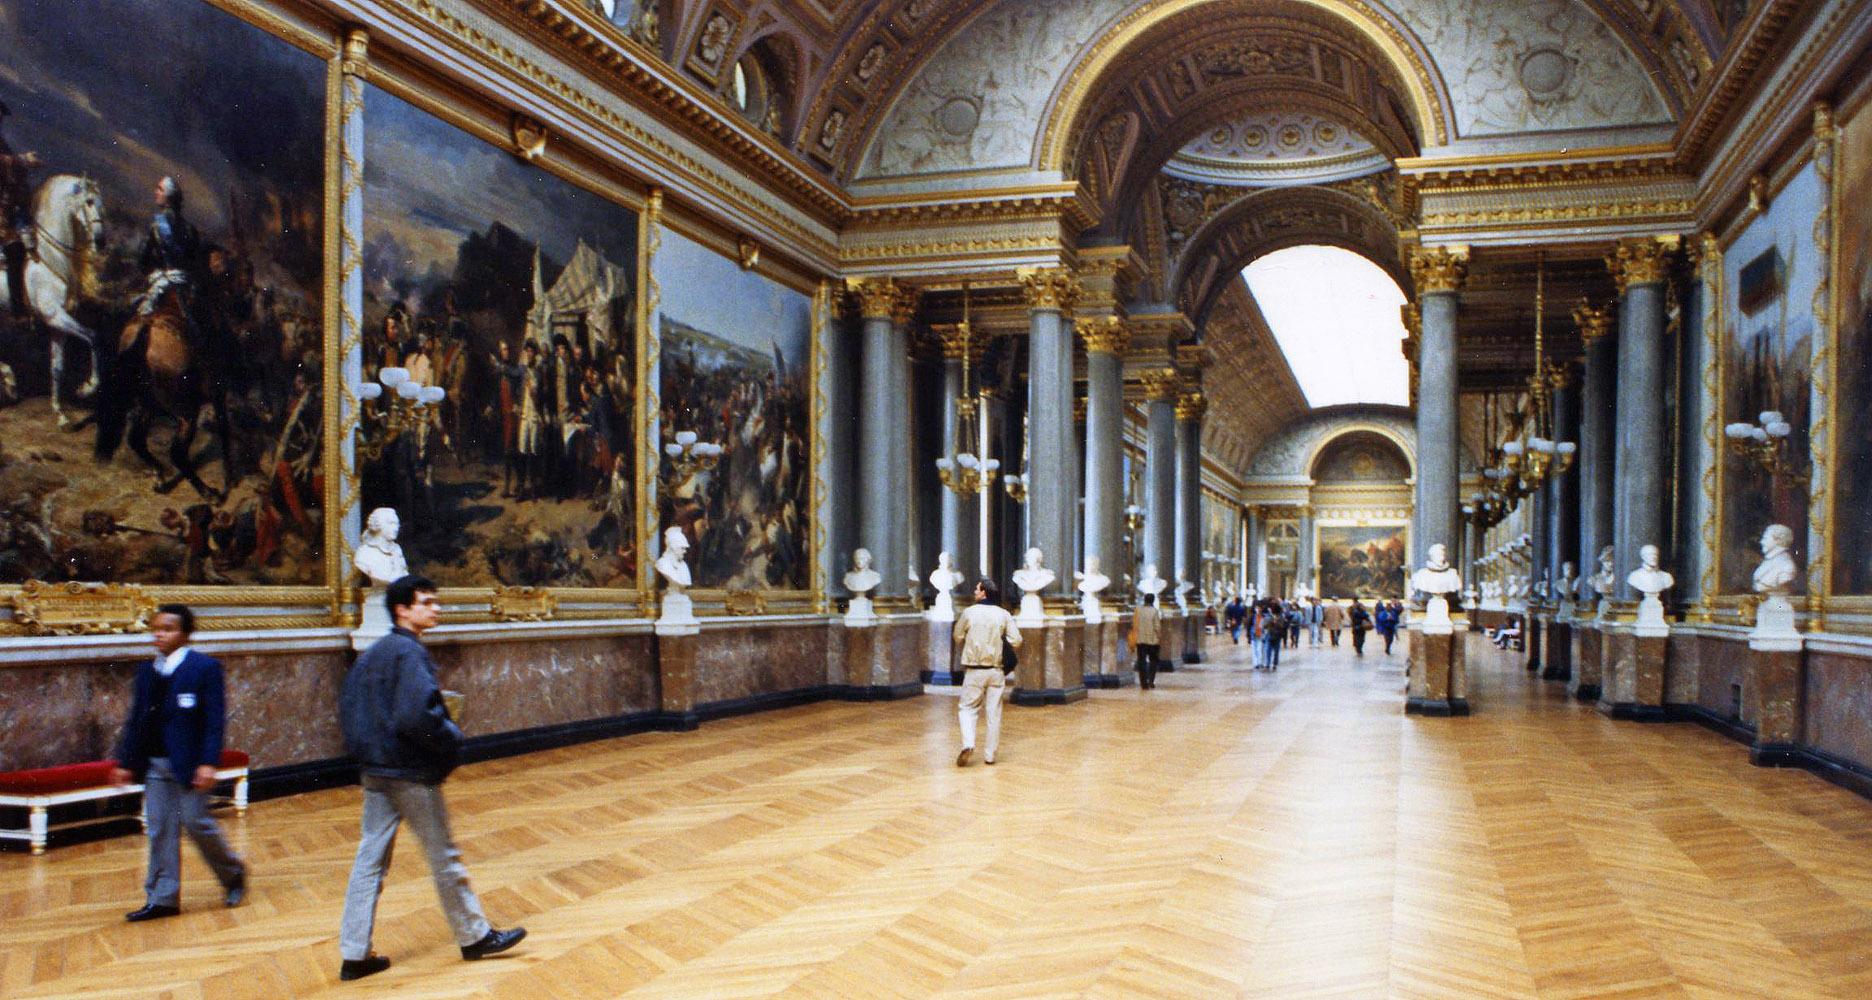 صور متحف اللوفر , اجمل الصور لاشهر متحف في باريس